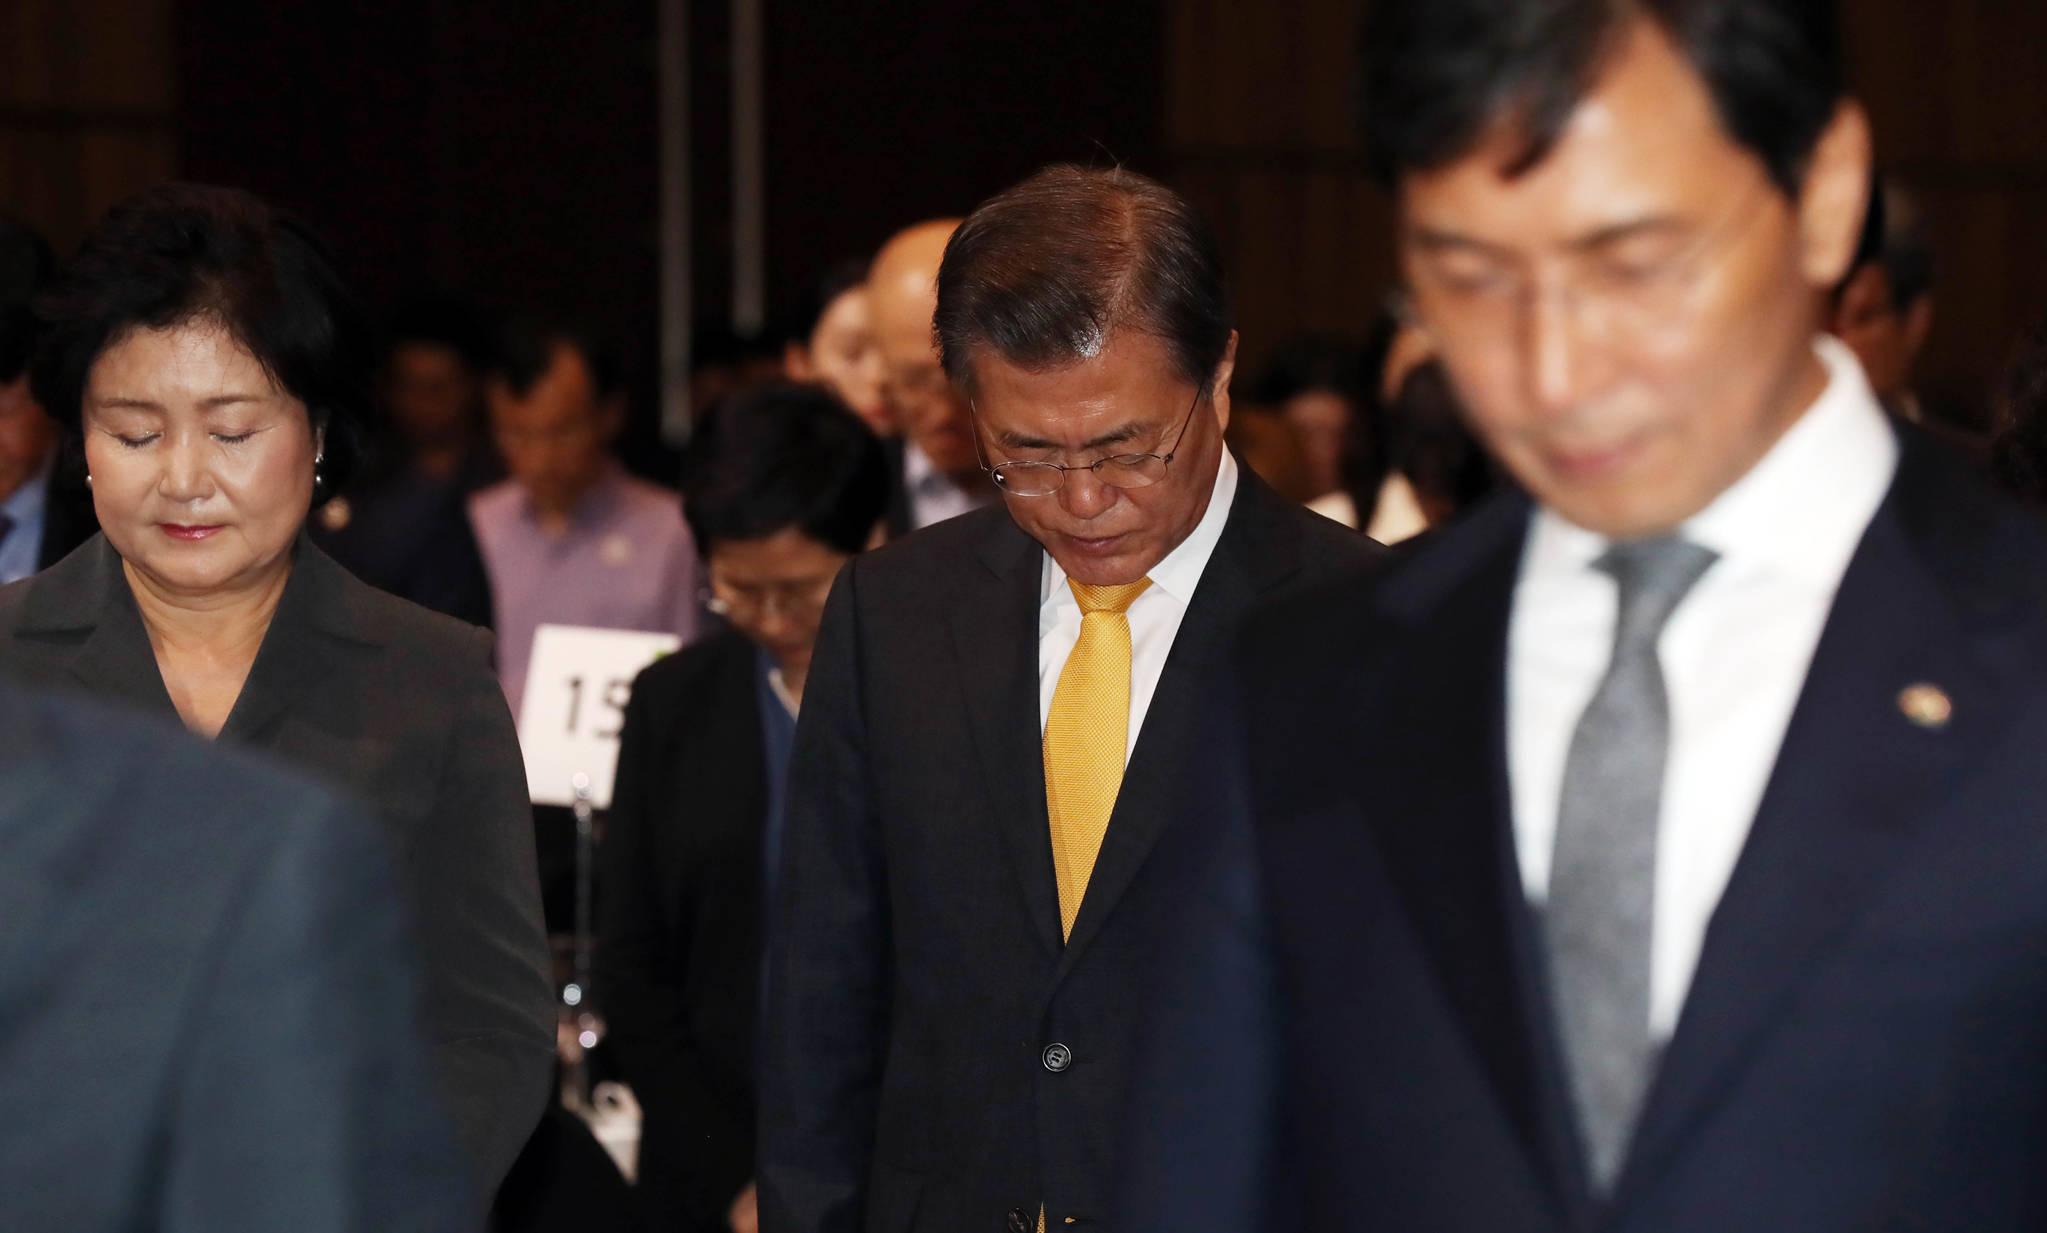 문재인 대통령 내외가 9월 26일 63빌딩 컨벤션센터에서 열린 10.4 남북 공동선언 10주년 기념식에서 묵념을 하고 있다. 청와대사진기자단